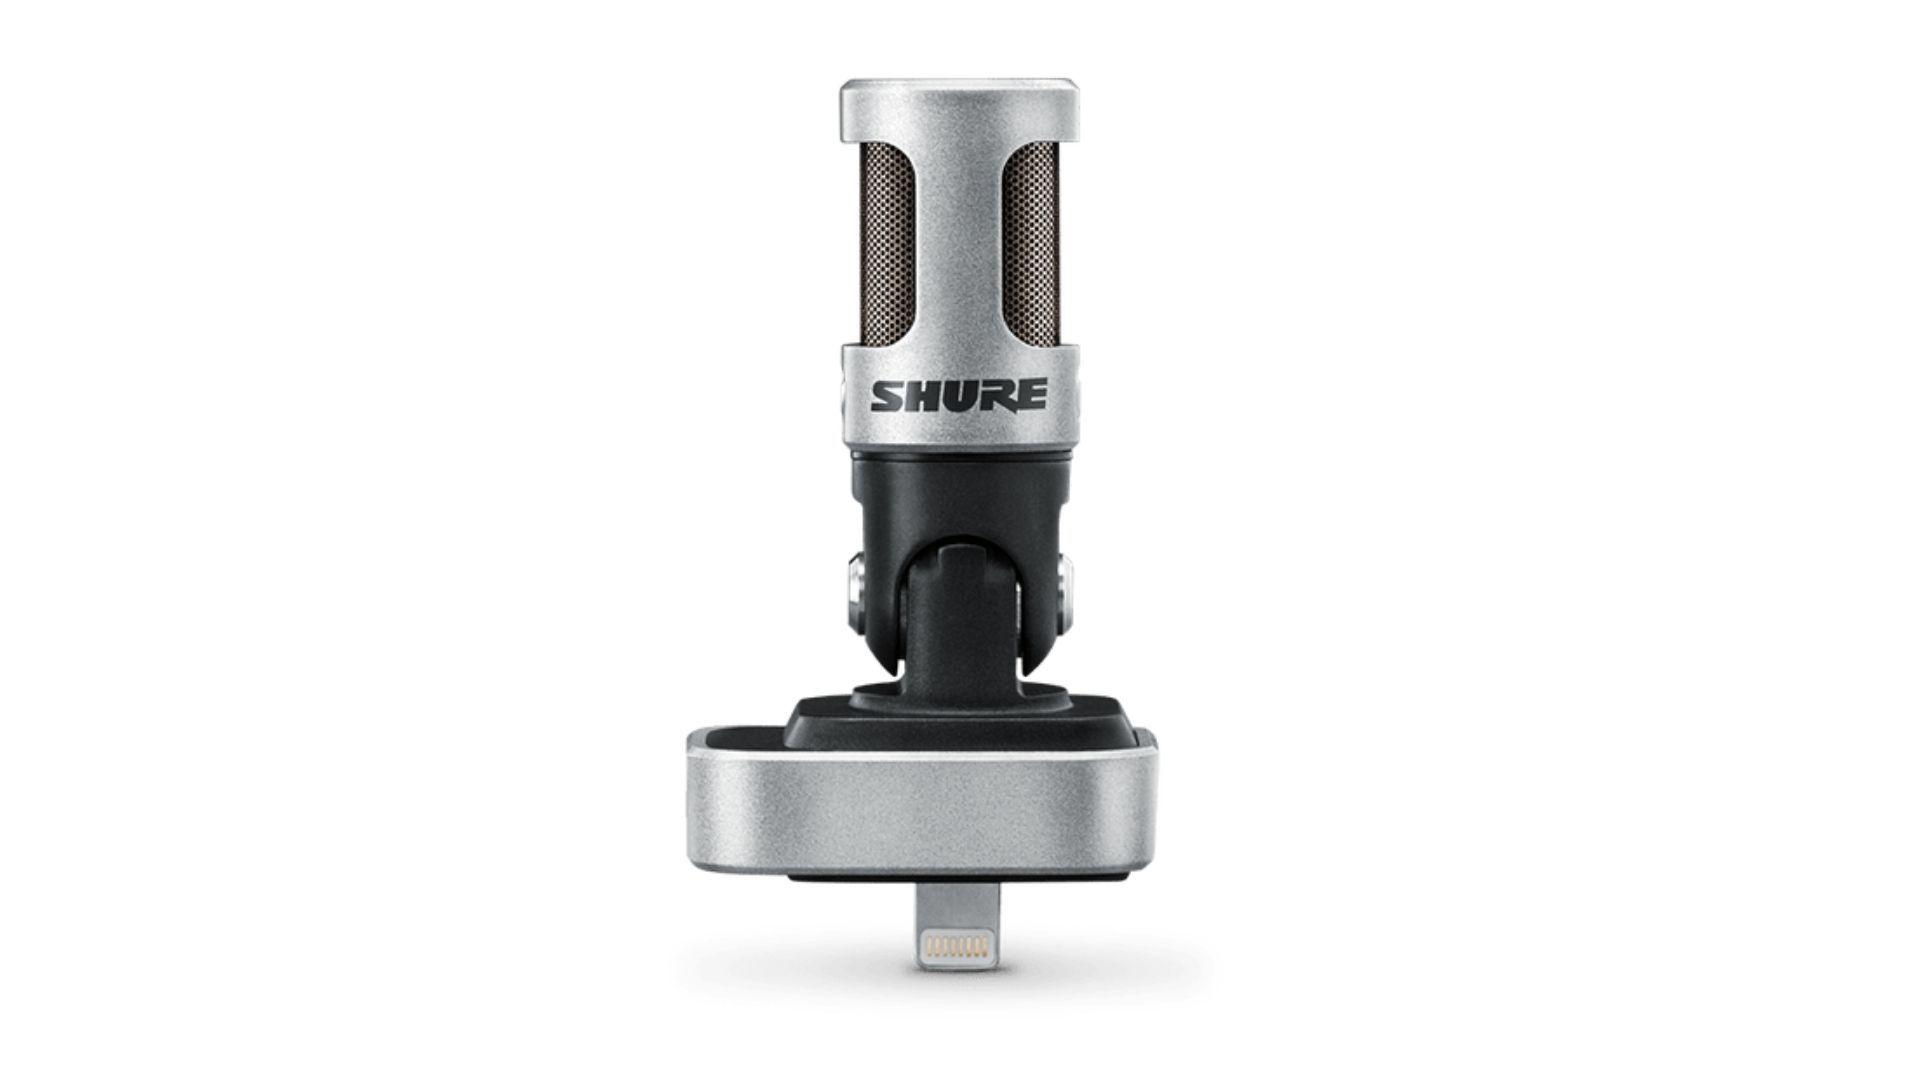 Microfone para celular cinza e preto da marca Shure em fundo branco